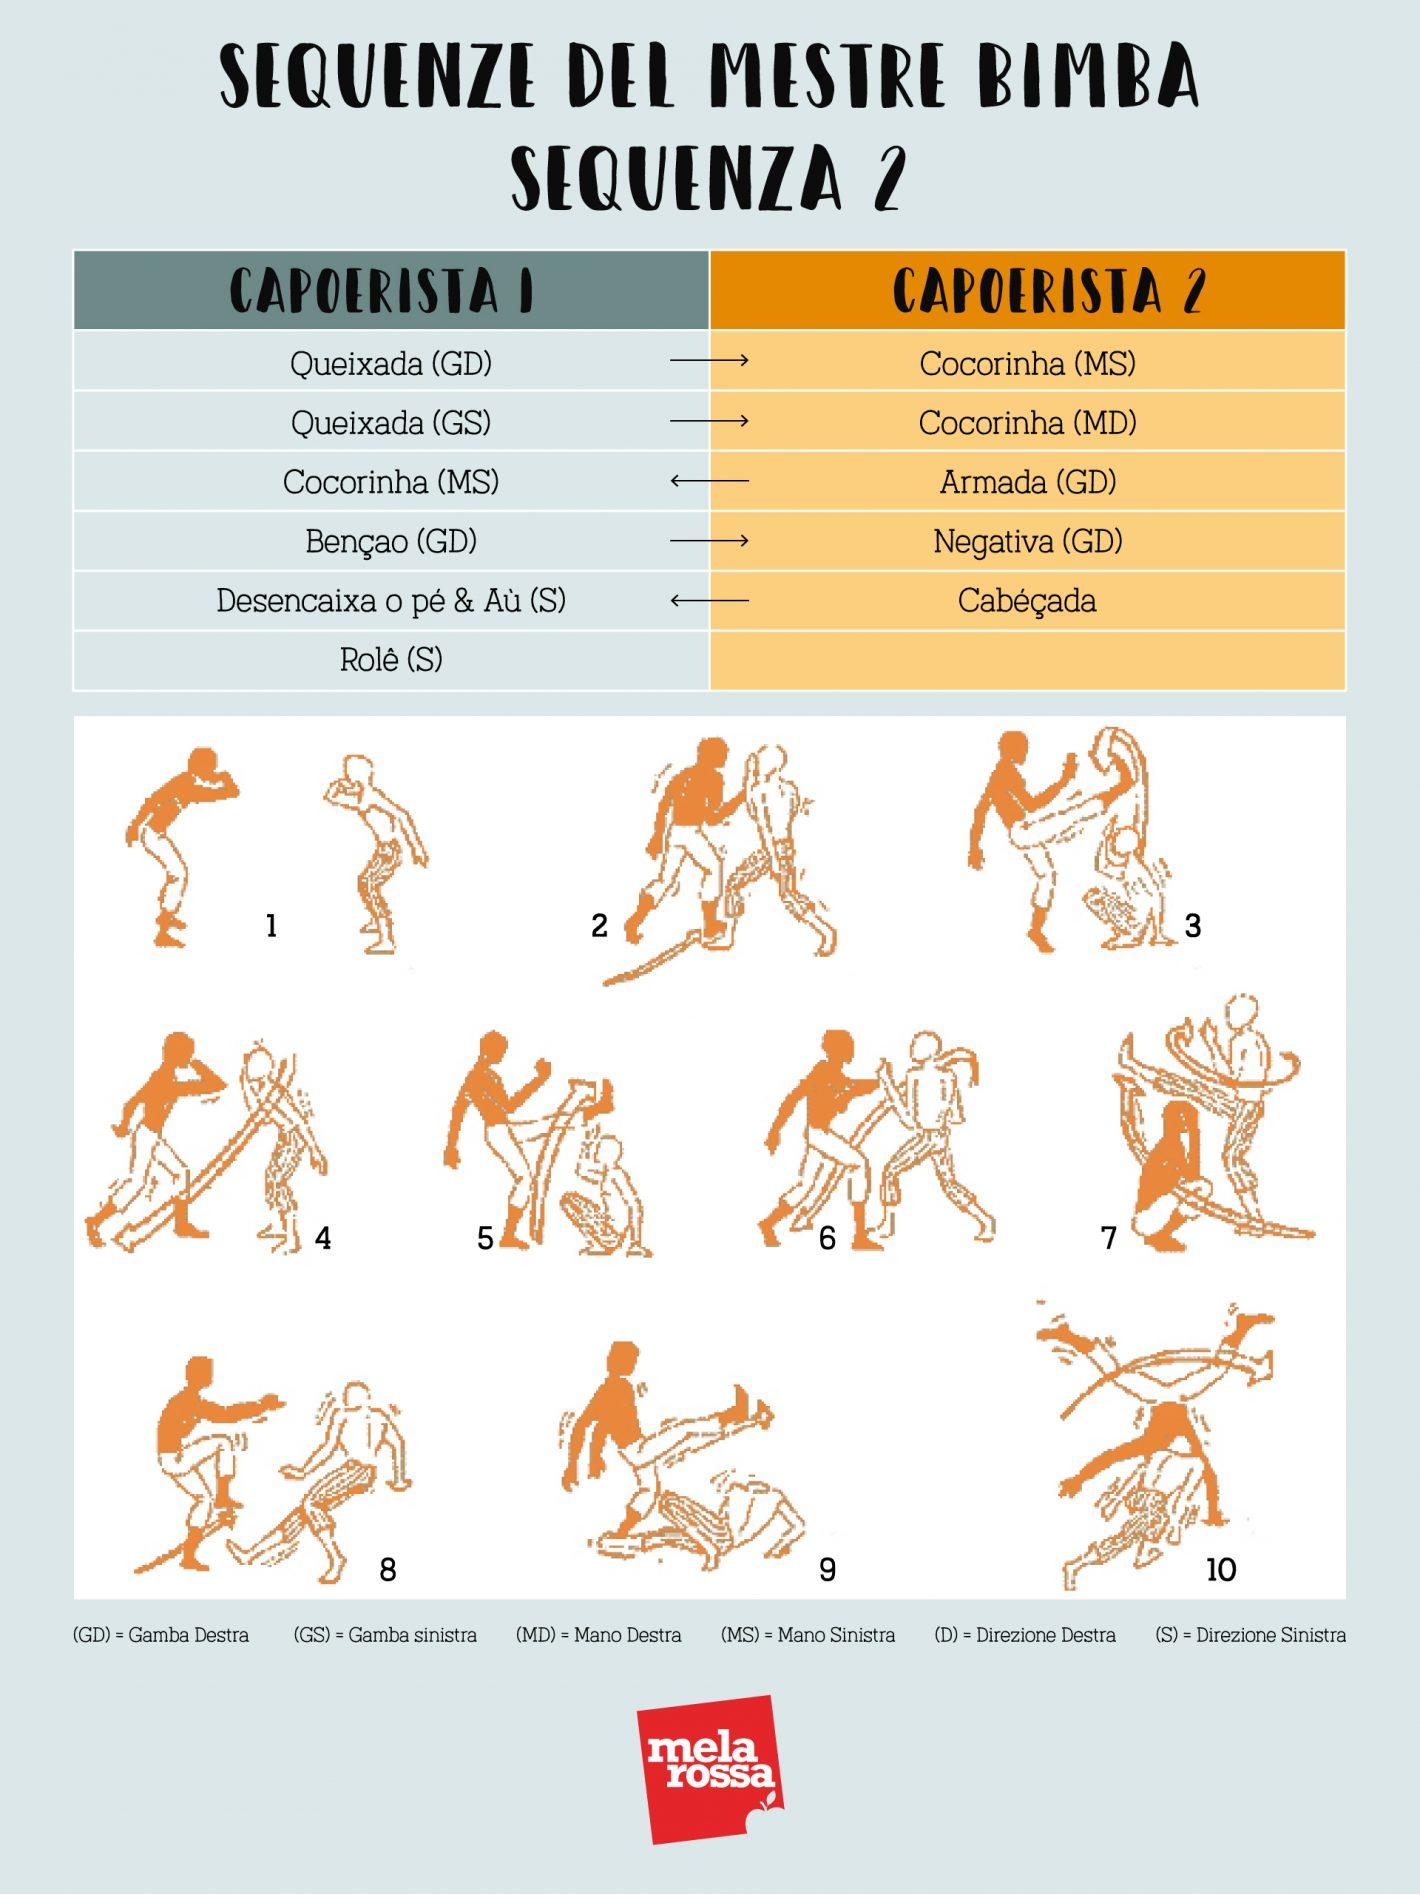 sequenza di allenamento del Mestre Bimba